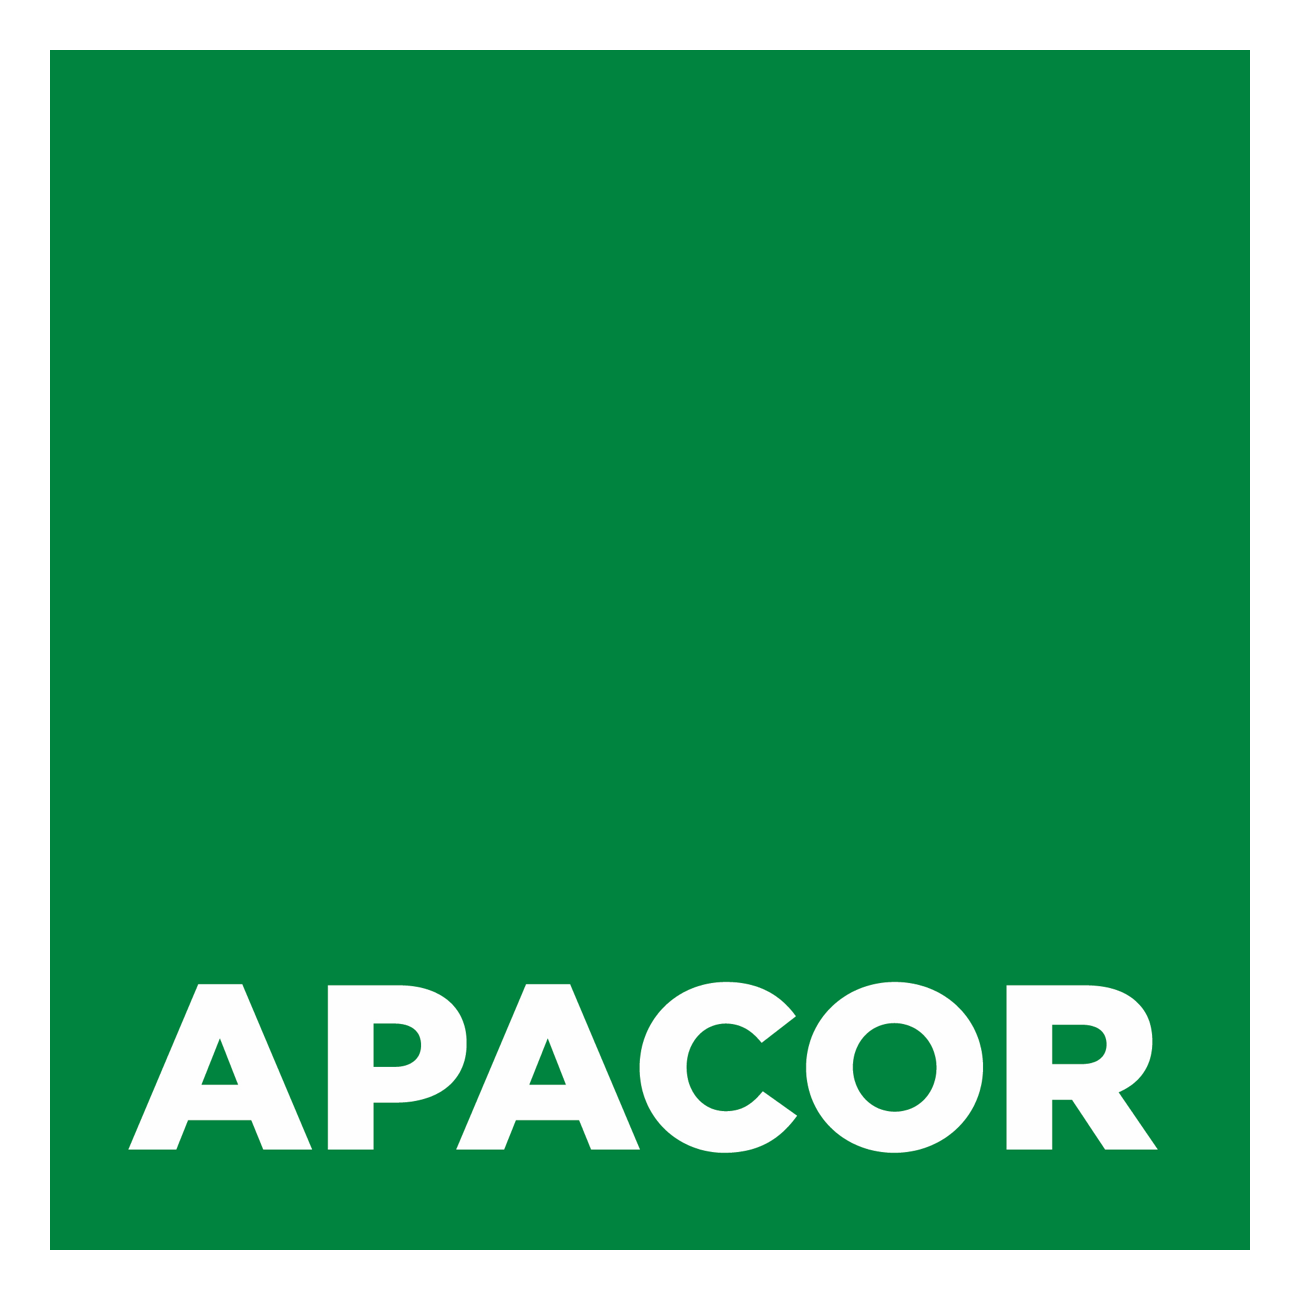 Apacor